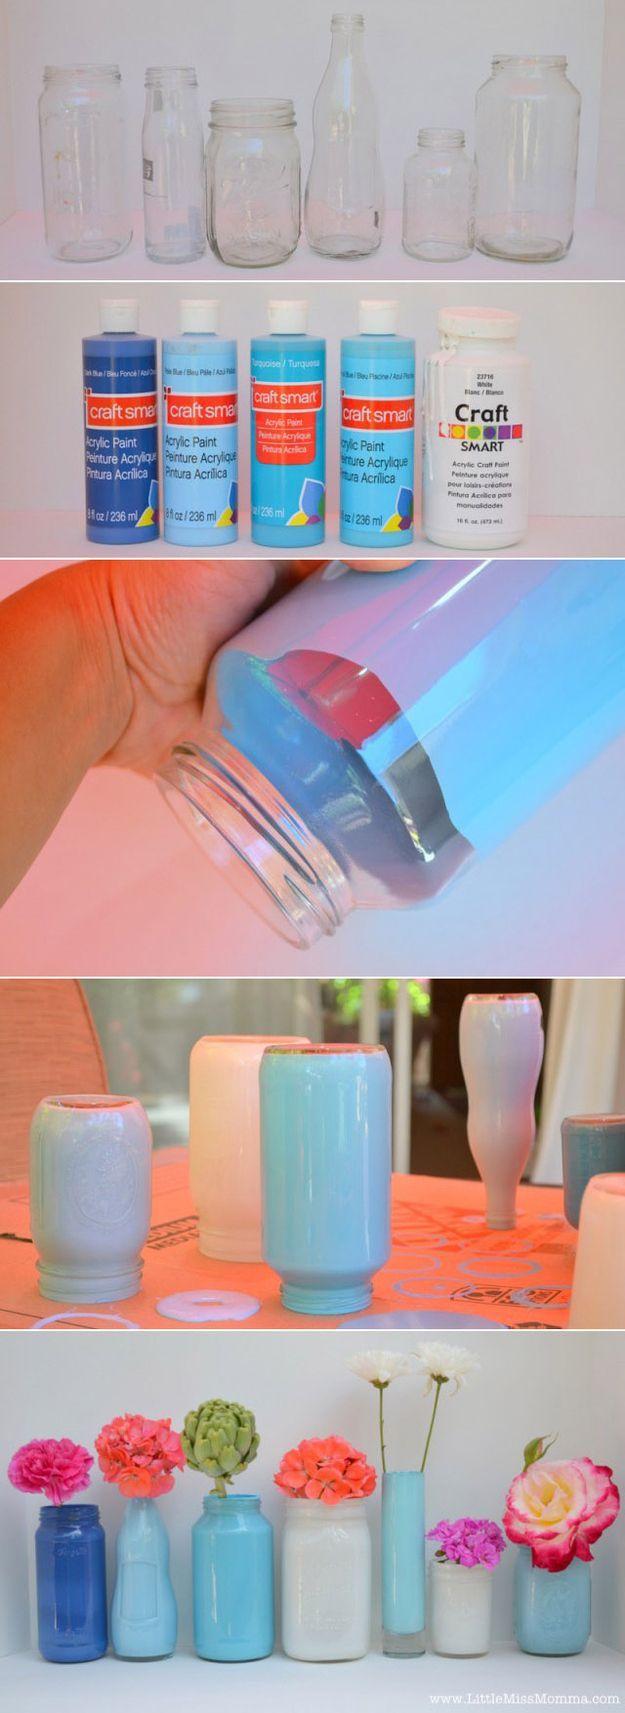 Painted Vases #diy #crafts